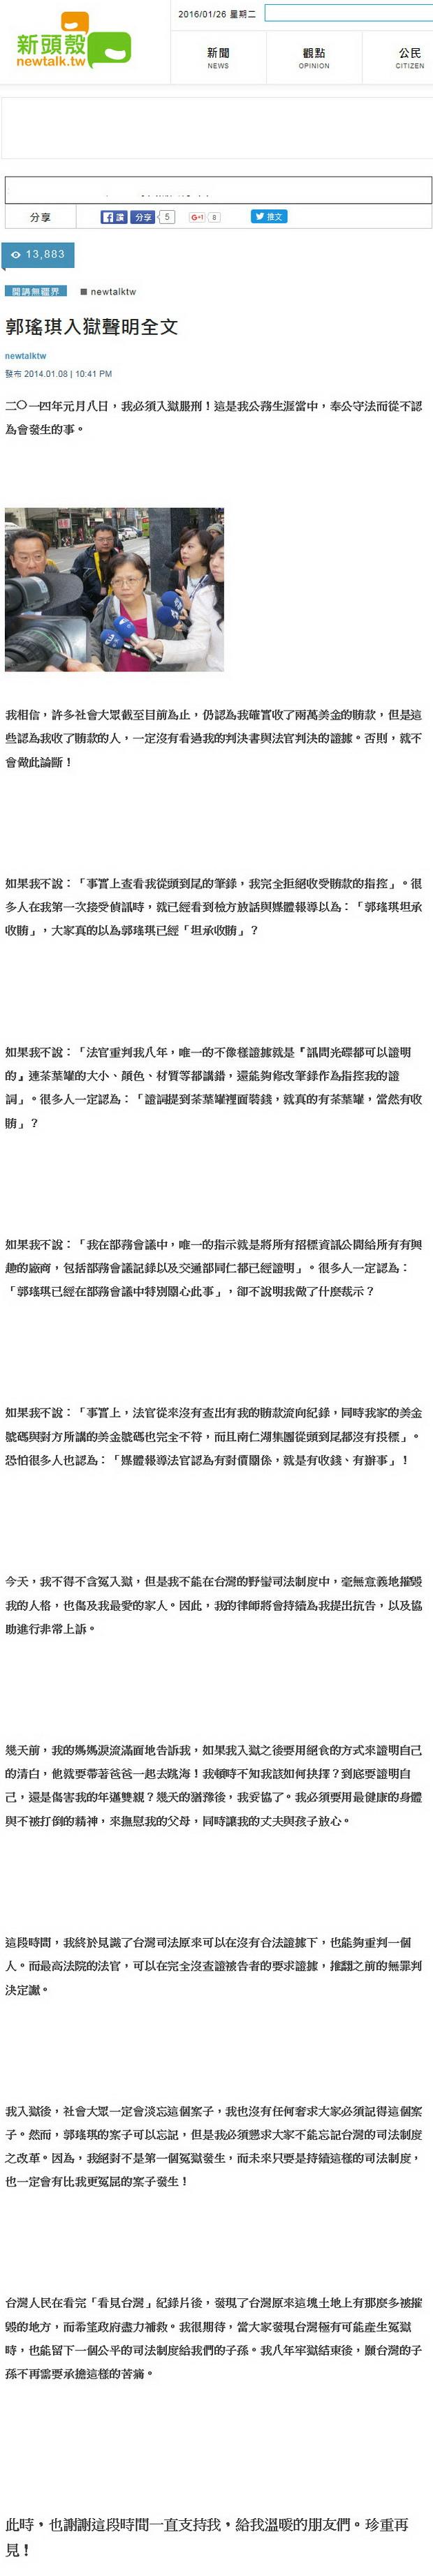 郭瑤琪入獄聲明全文-2014.01.08.jpg